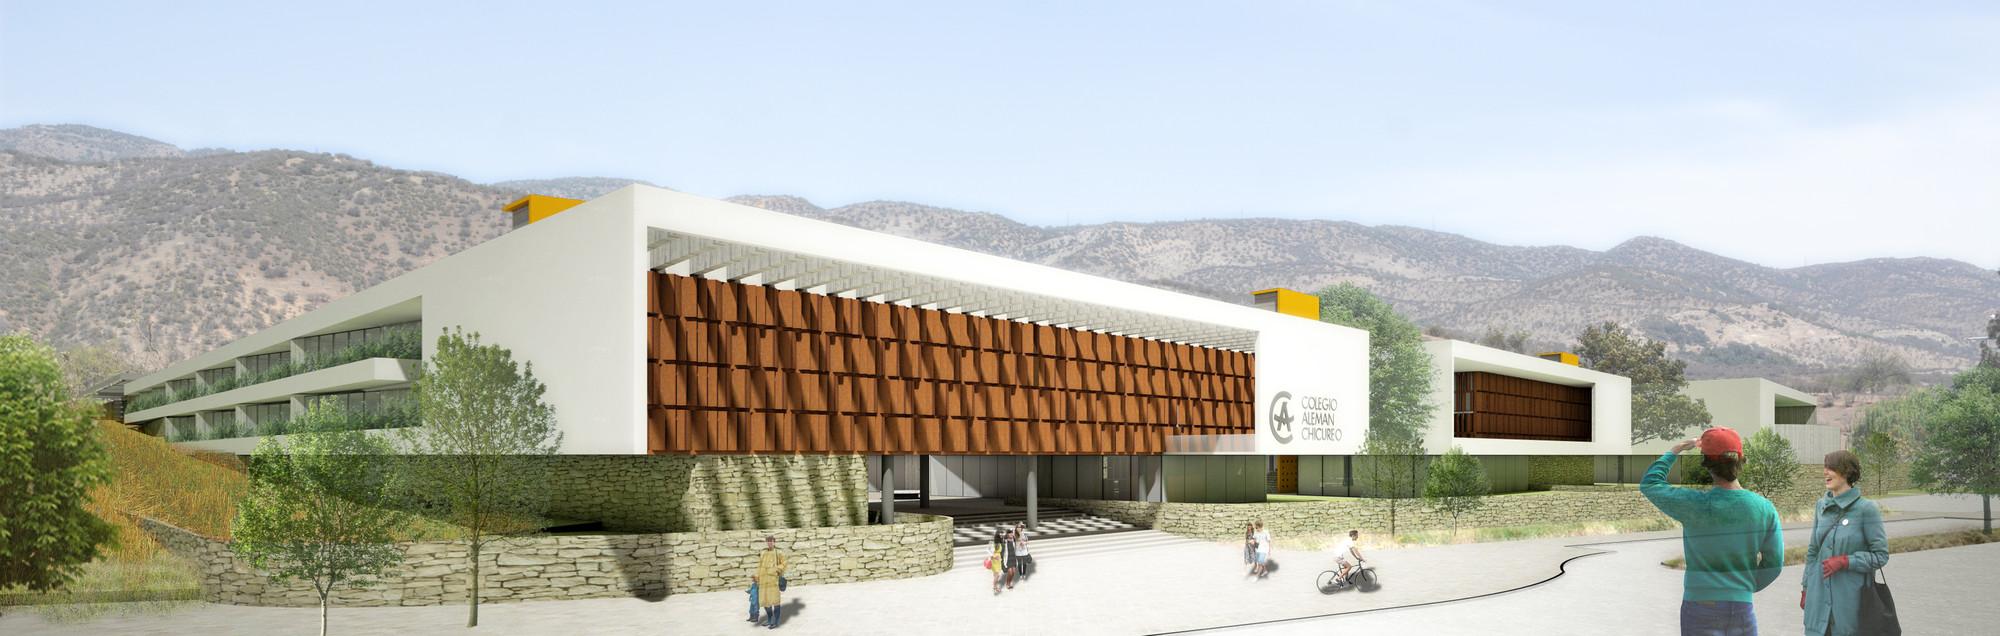 Bodega Institucional La Grajera / Virai Arquitectos | Plataforma ...